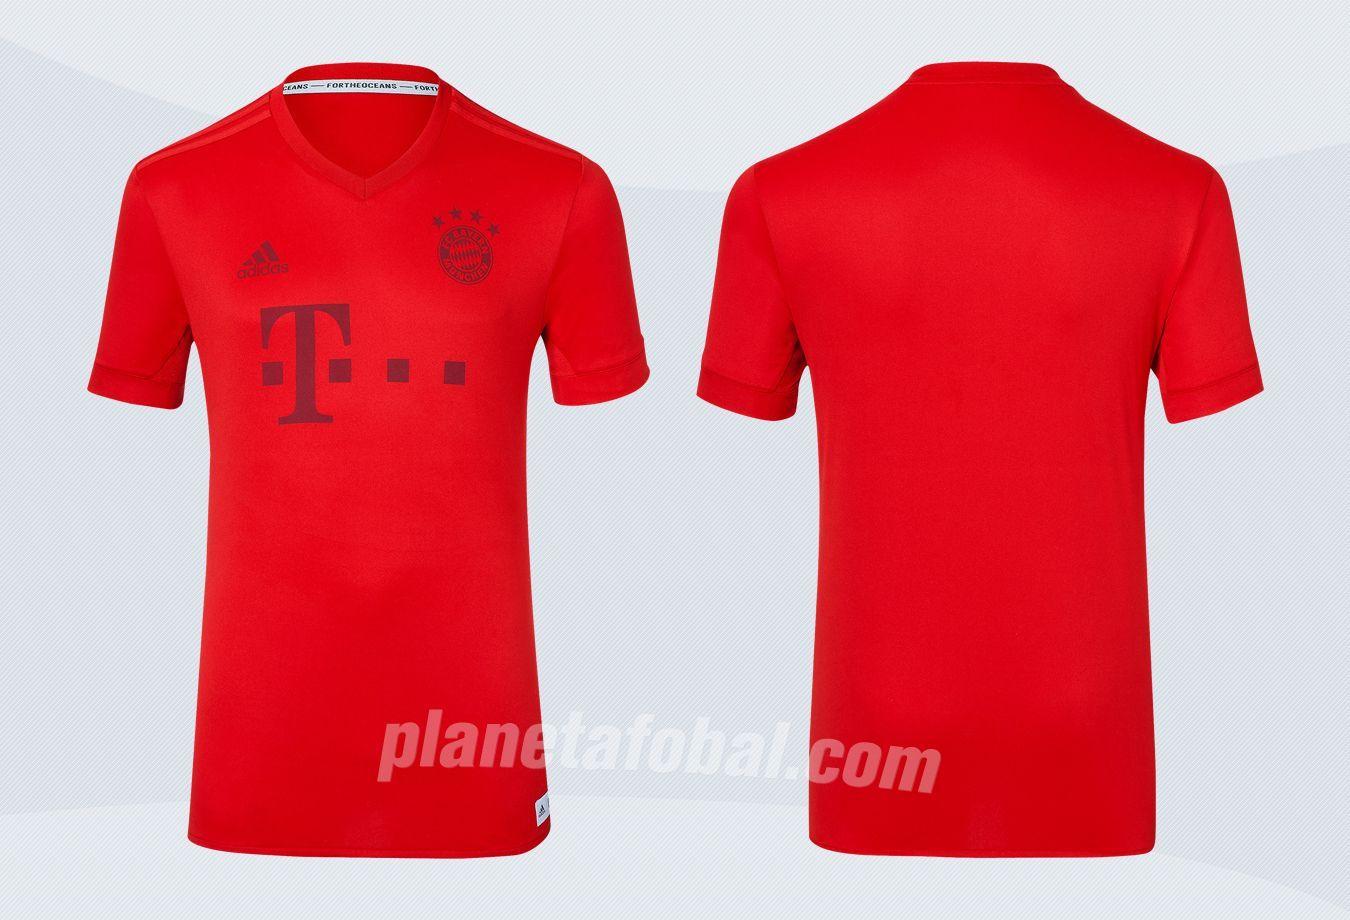 Camiseta especial del Bayern Munich | Imágenes Tienda Oficial